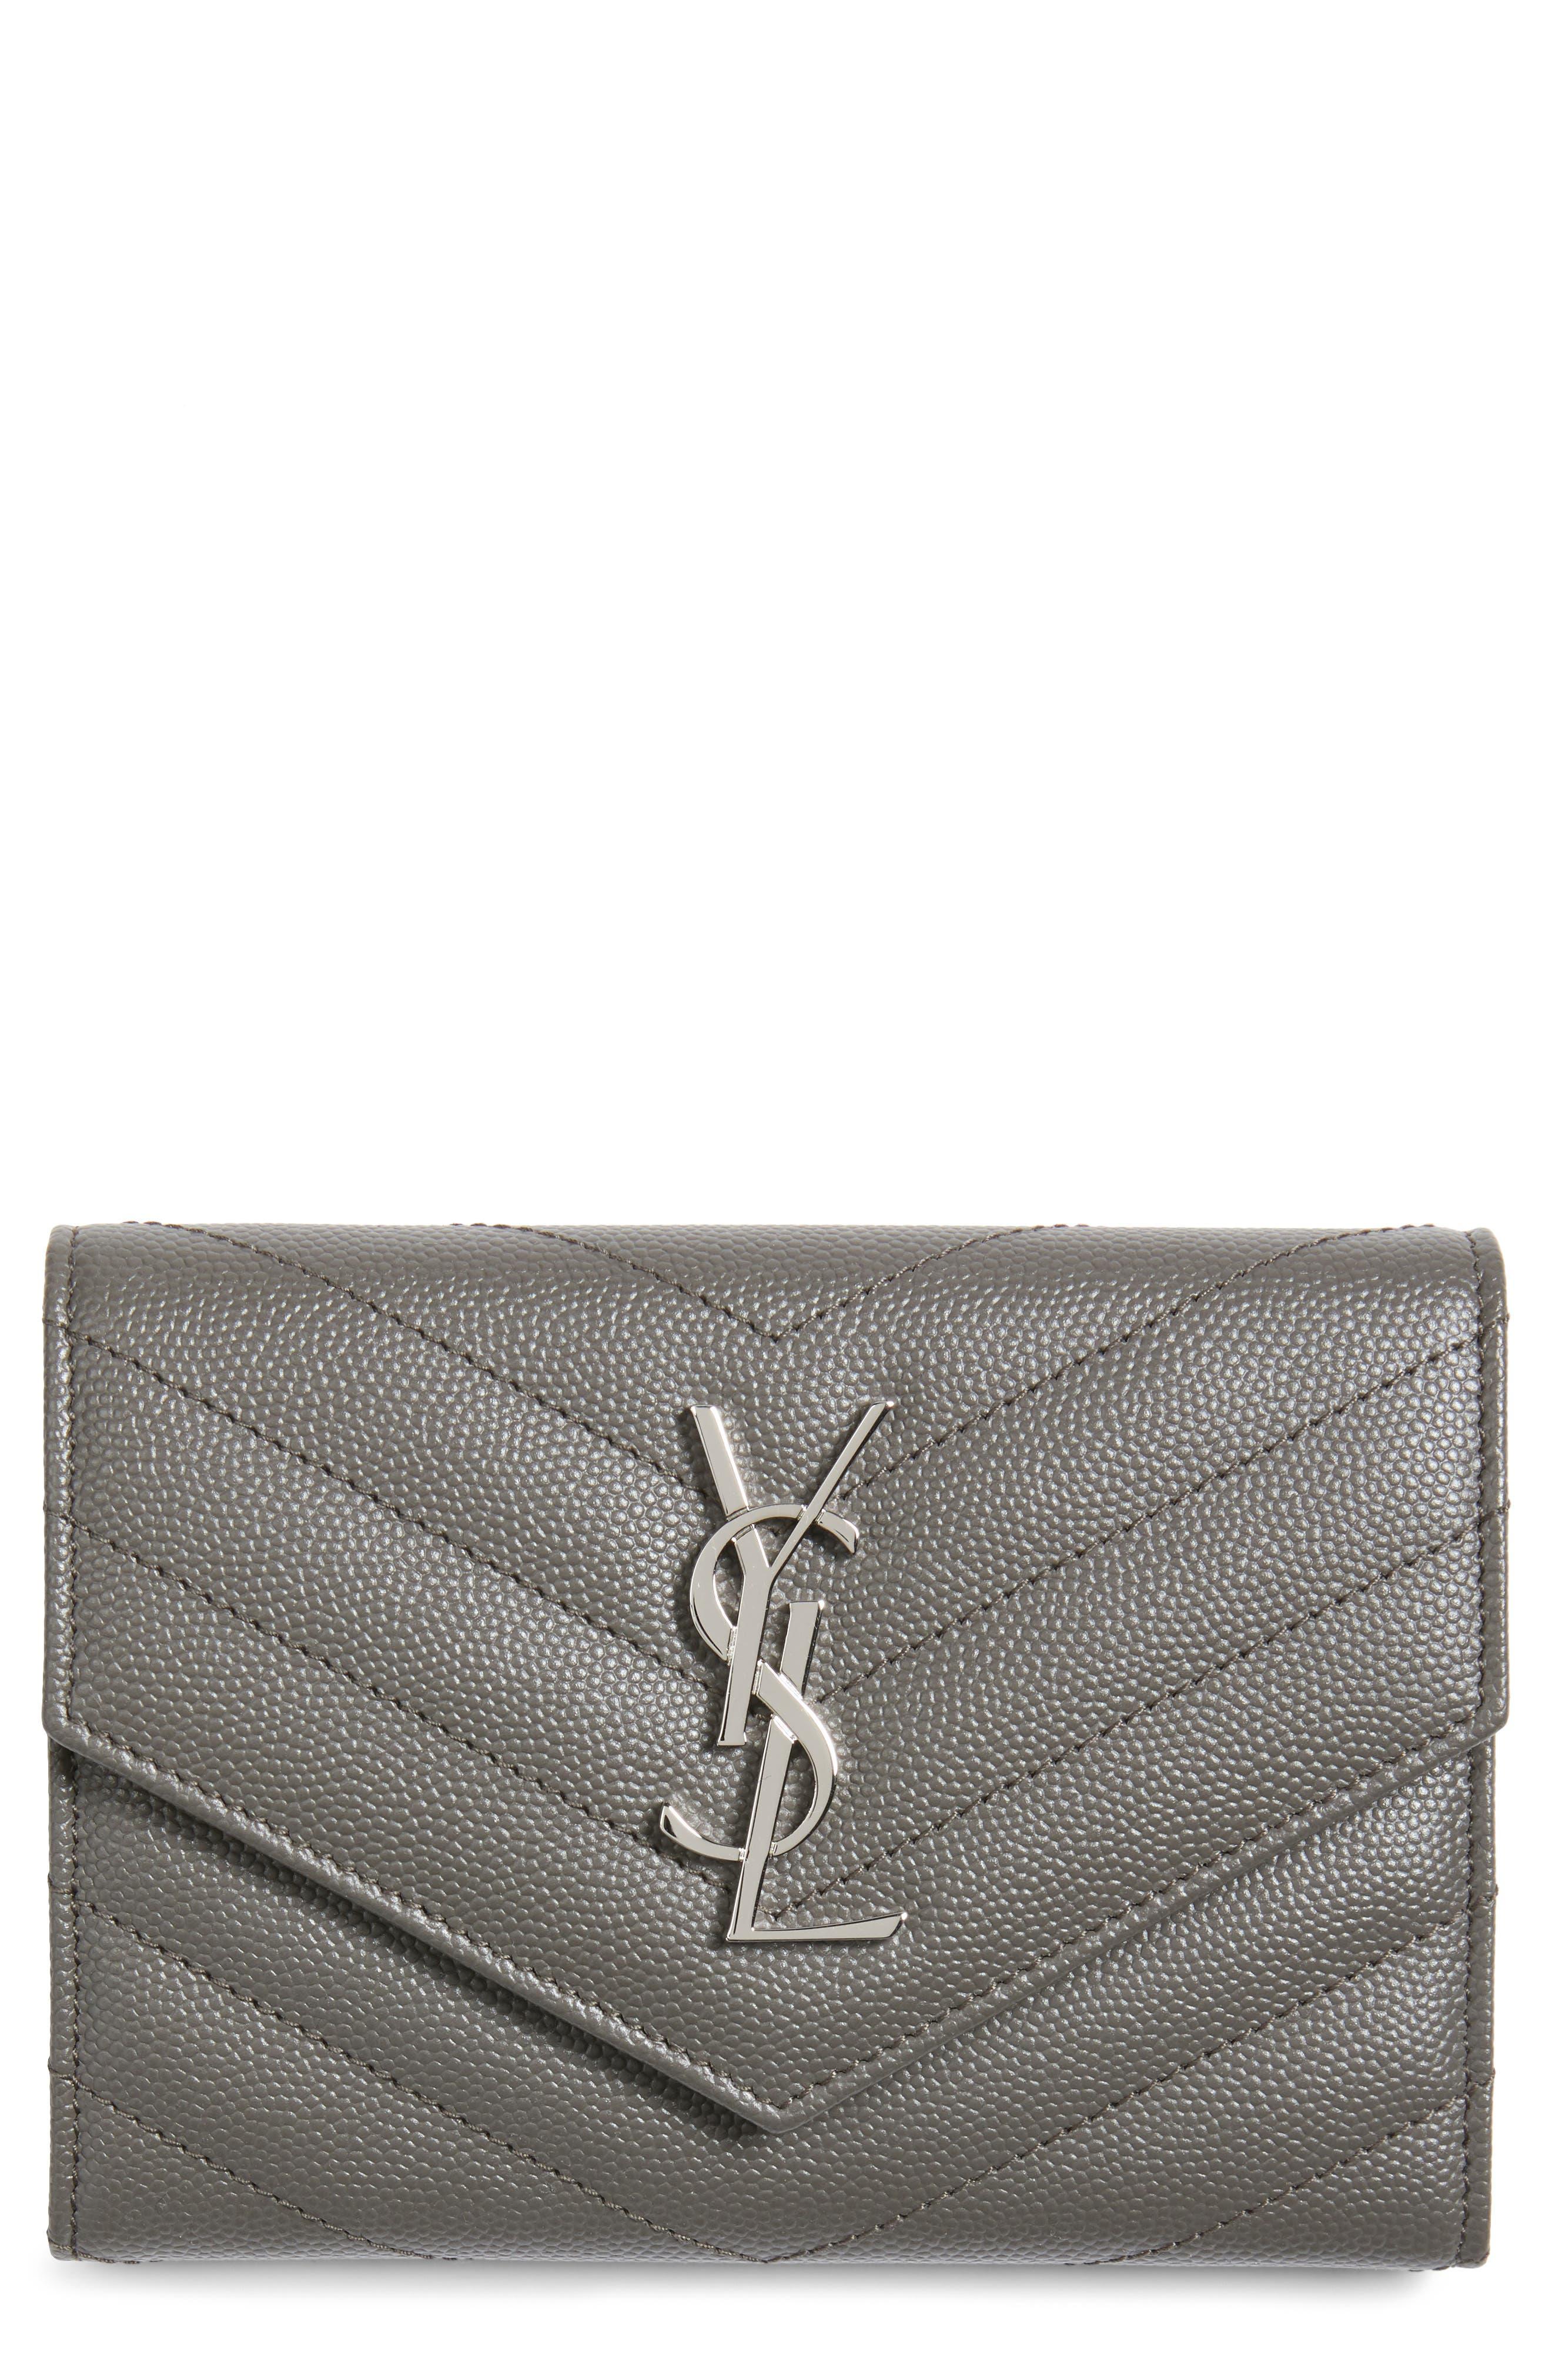 Saint Laurent Monogram Matelassé Leather Passport Case